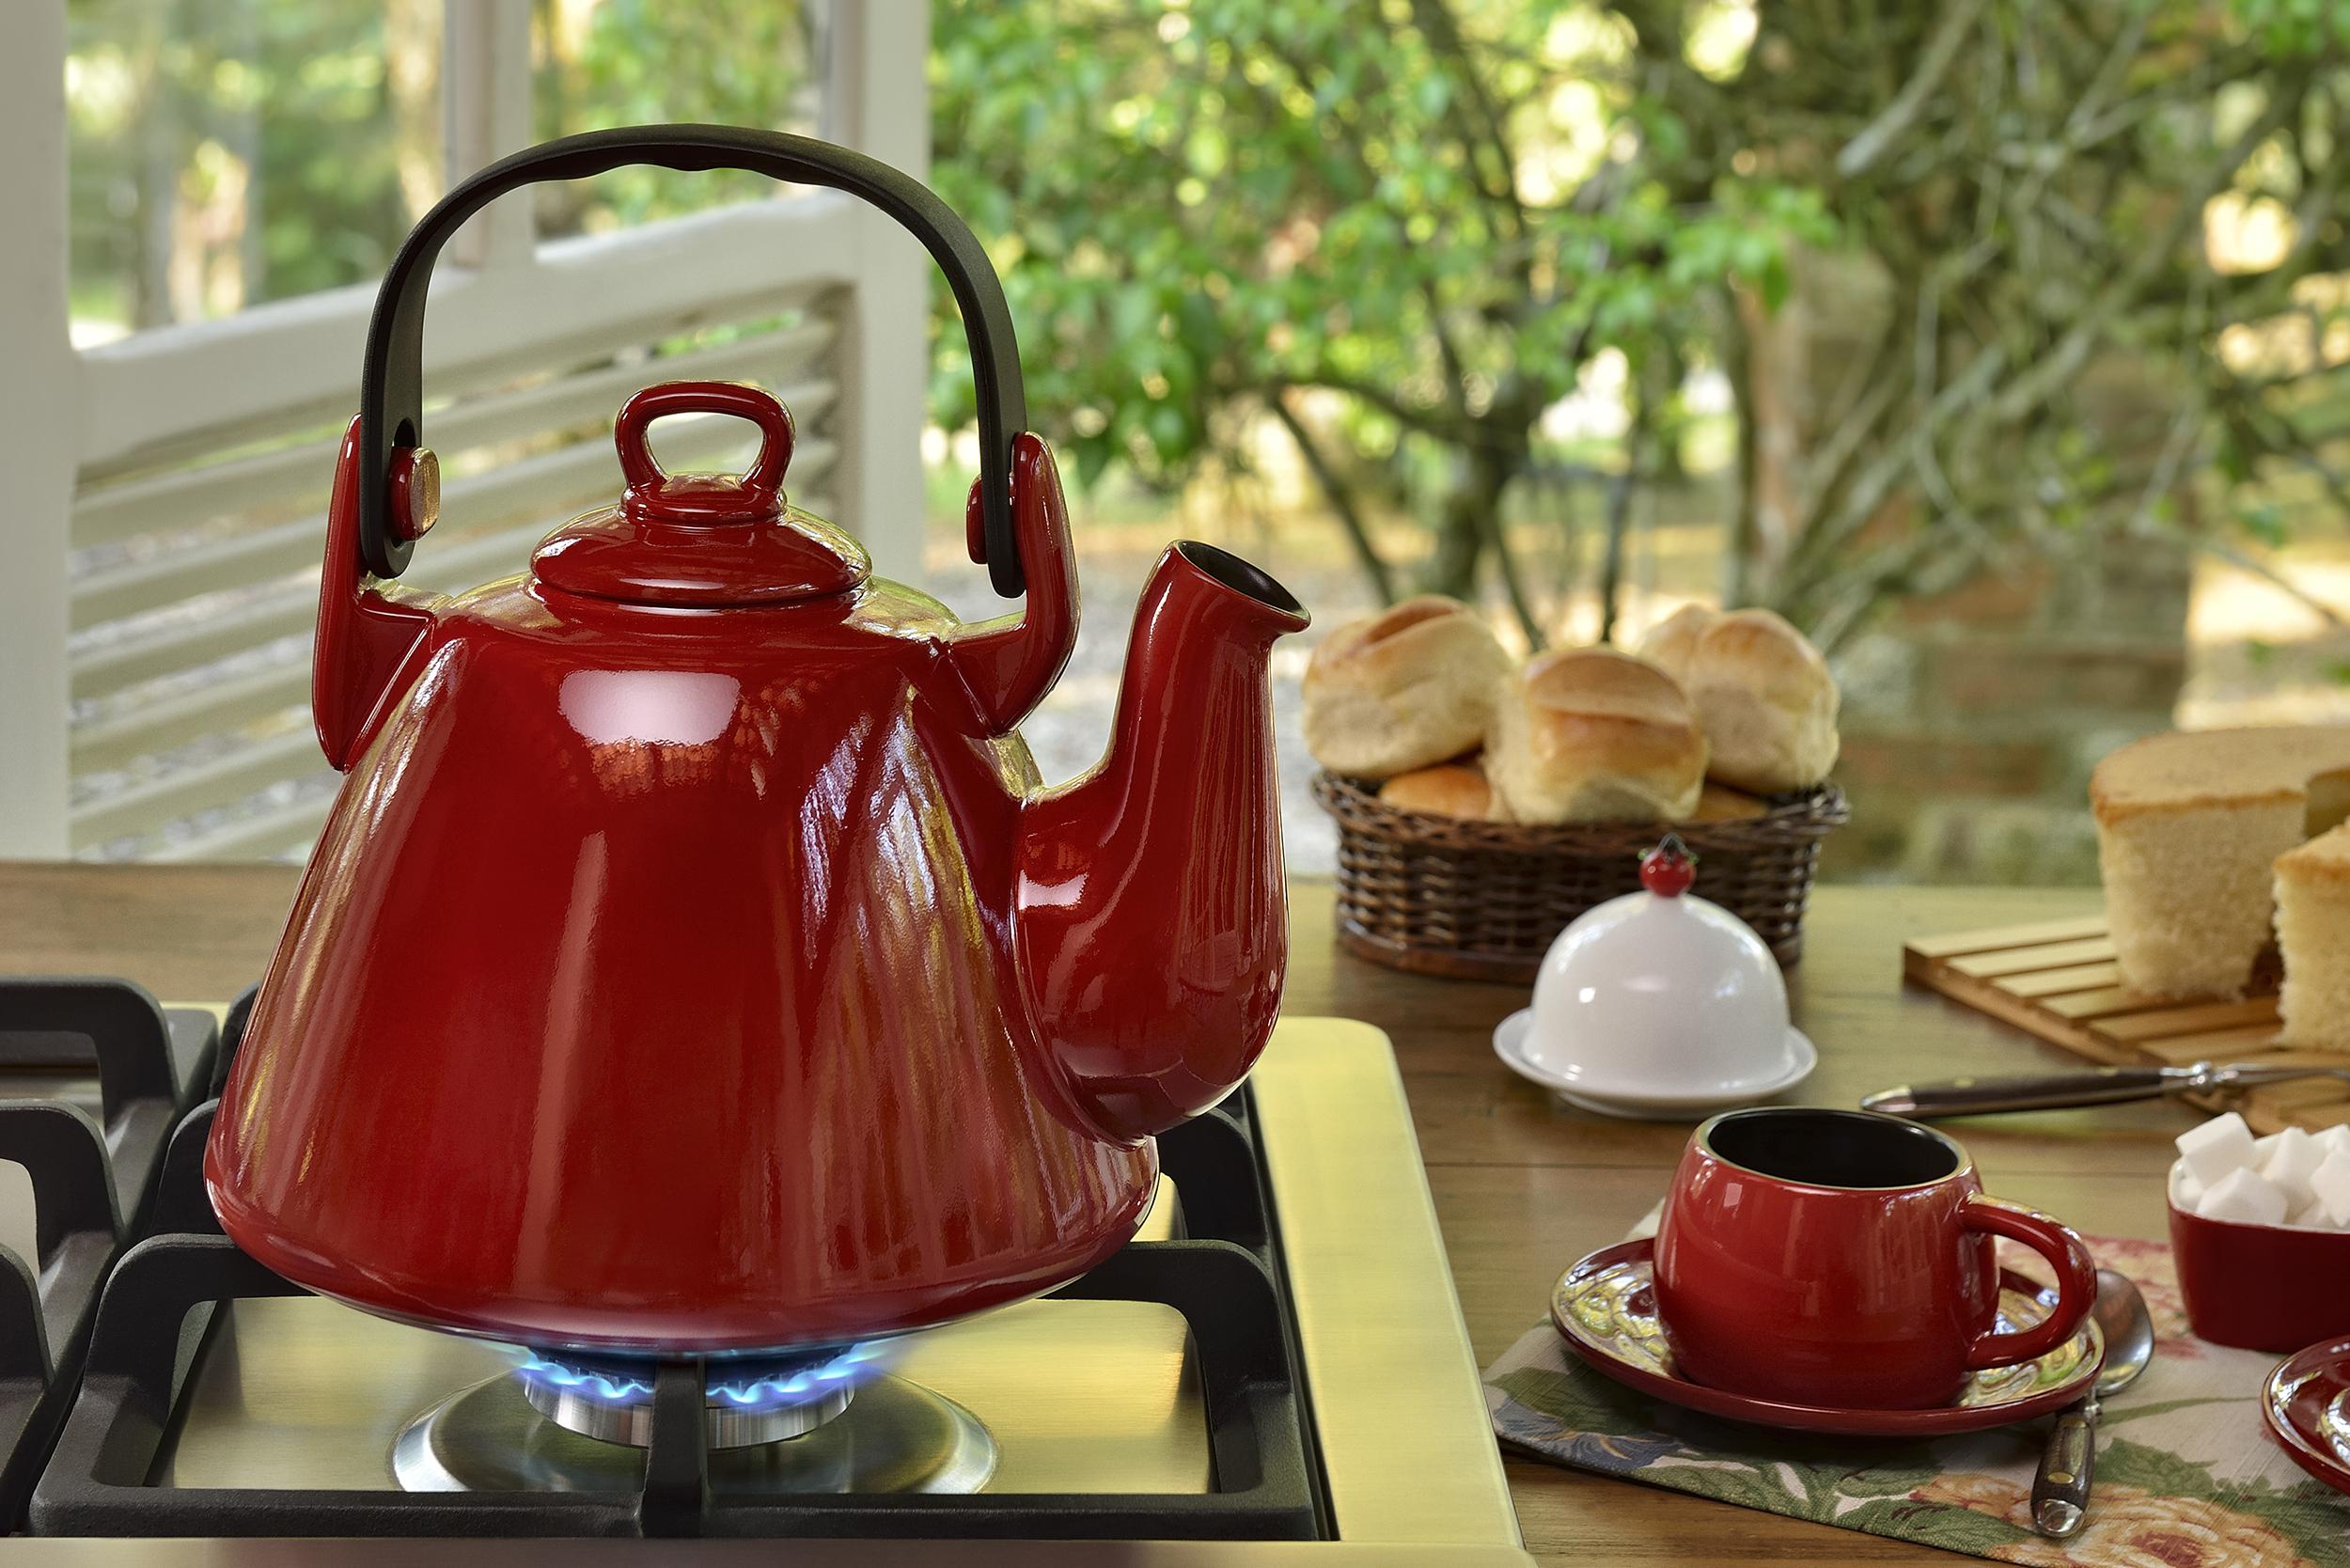 Чайник красный на плите